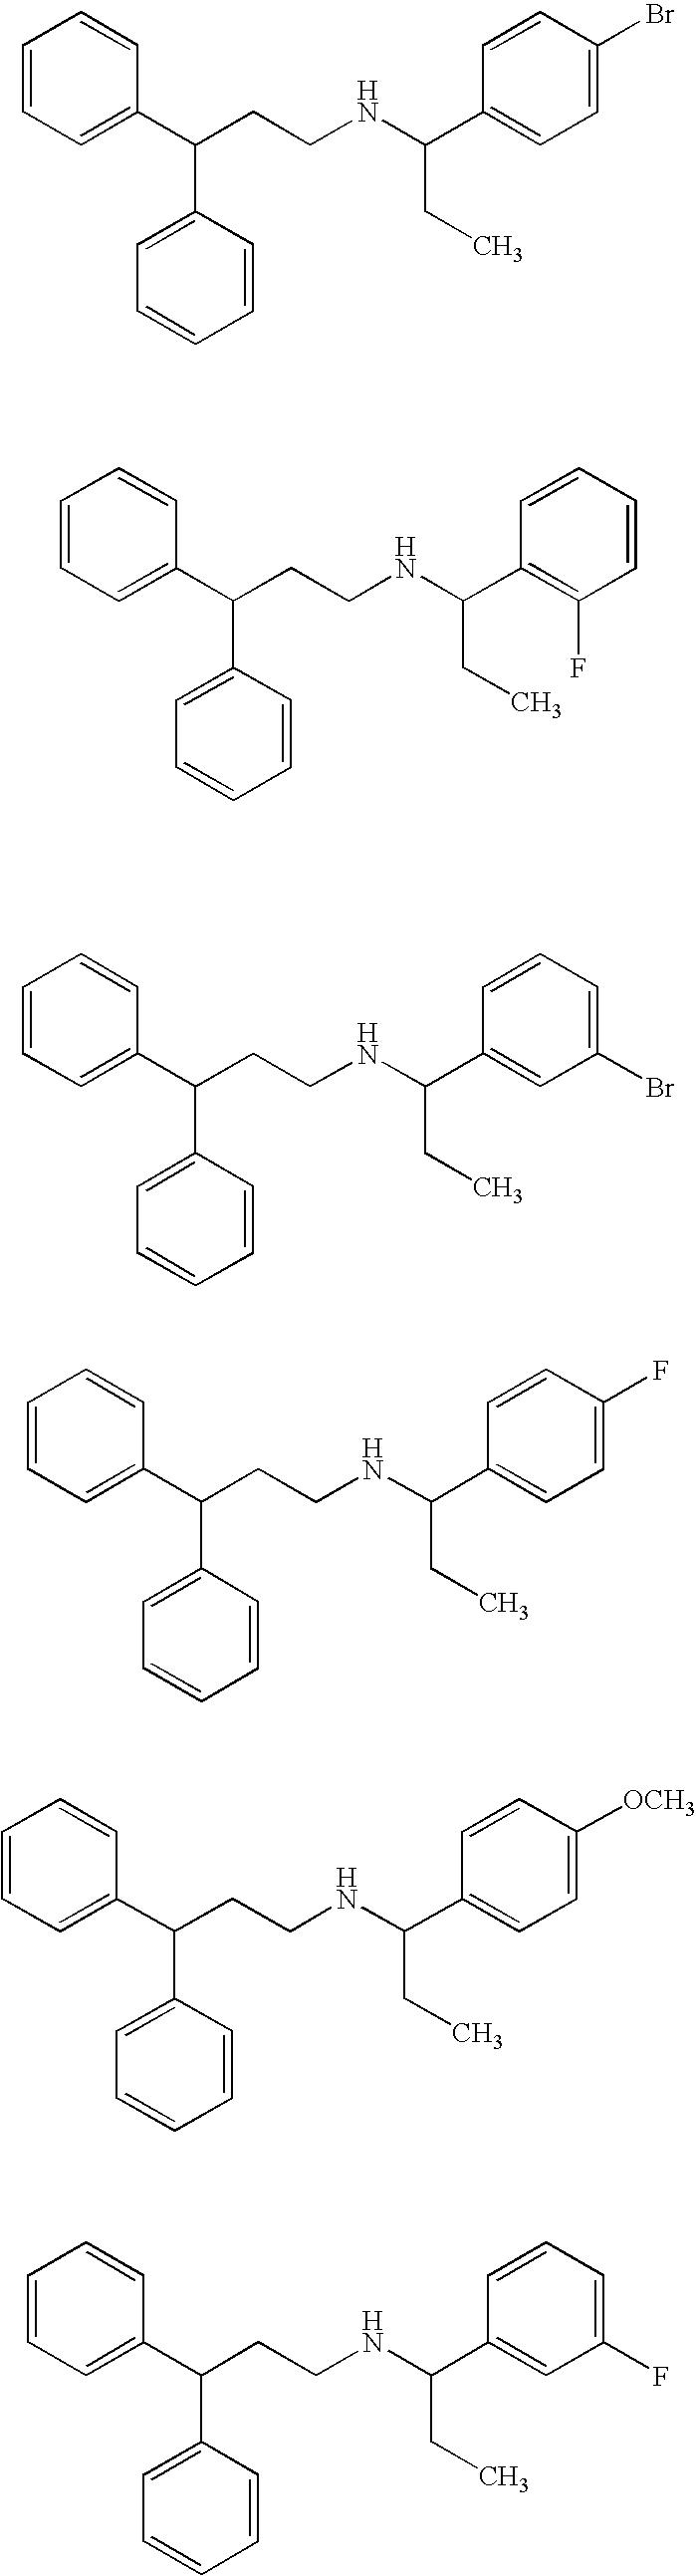 Figure US20050282859A1-20051222-C00054